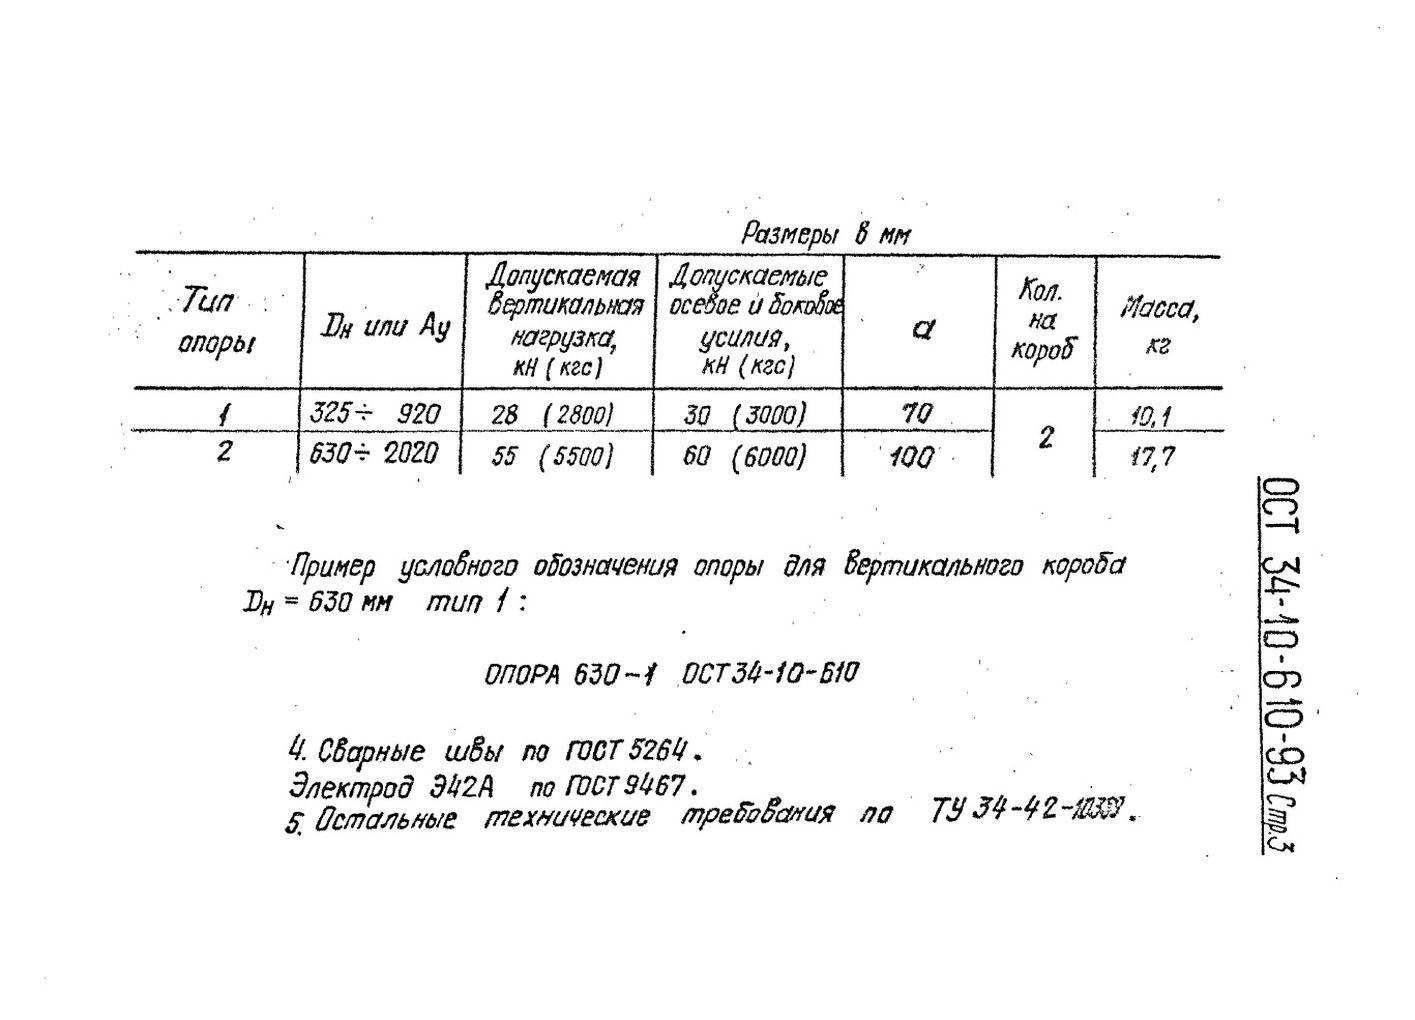 Опоры неподвижные для вертикальных коробов ОСТ 34-10-610-93 стр.3